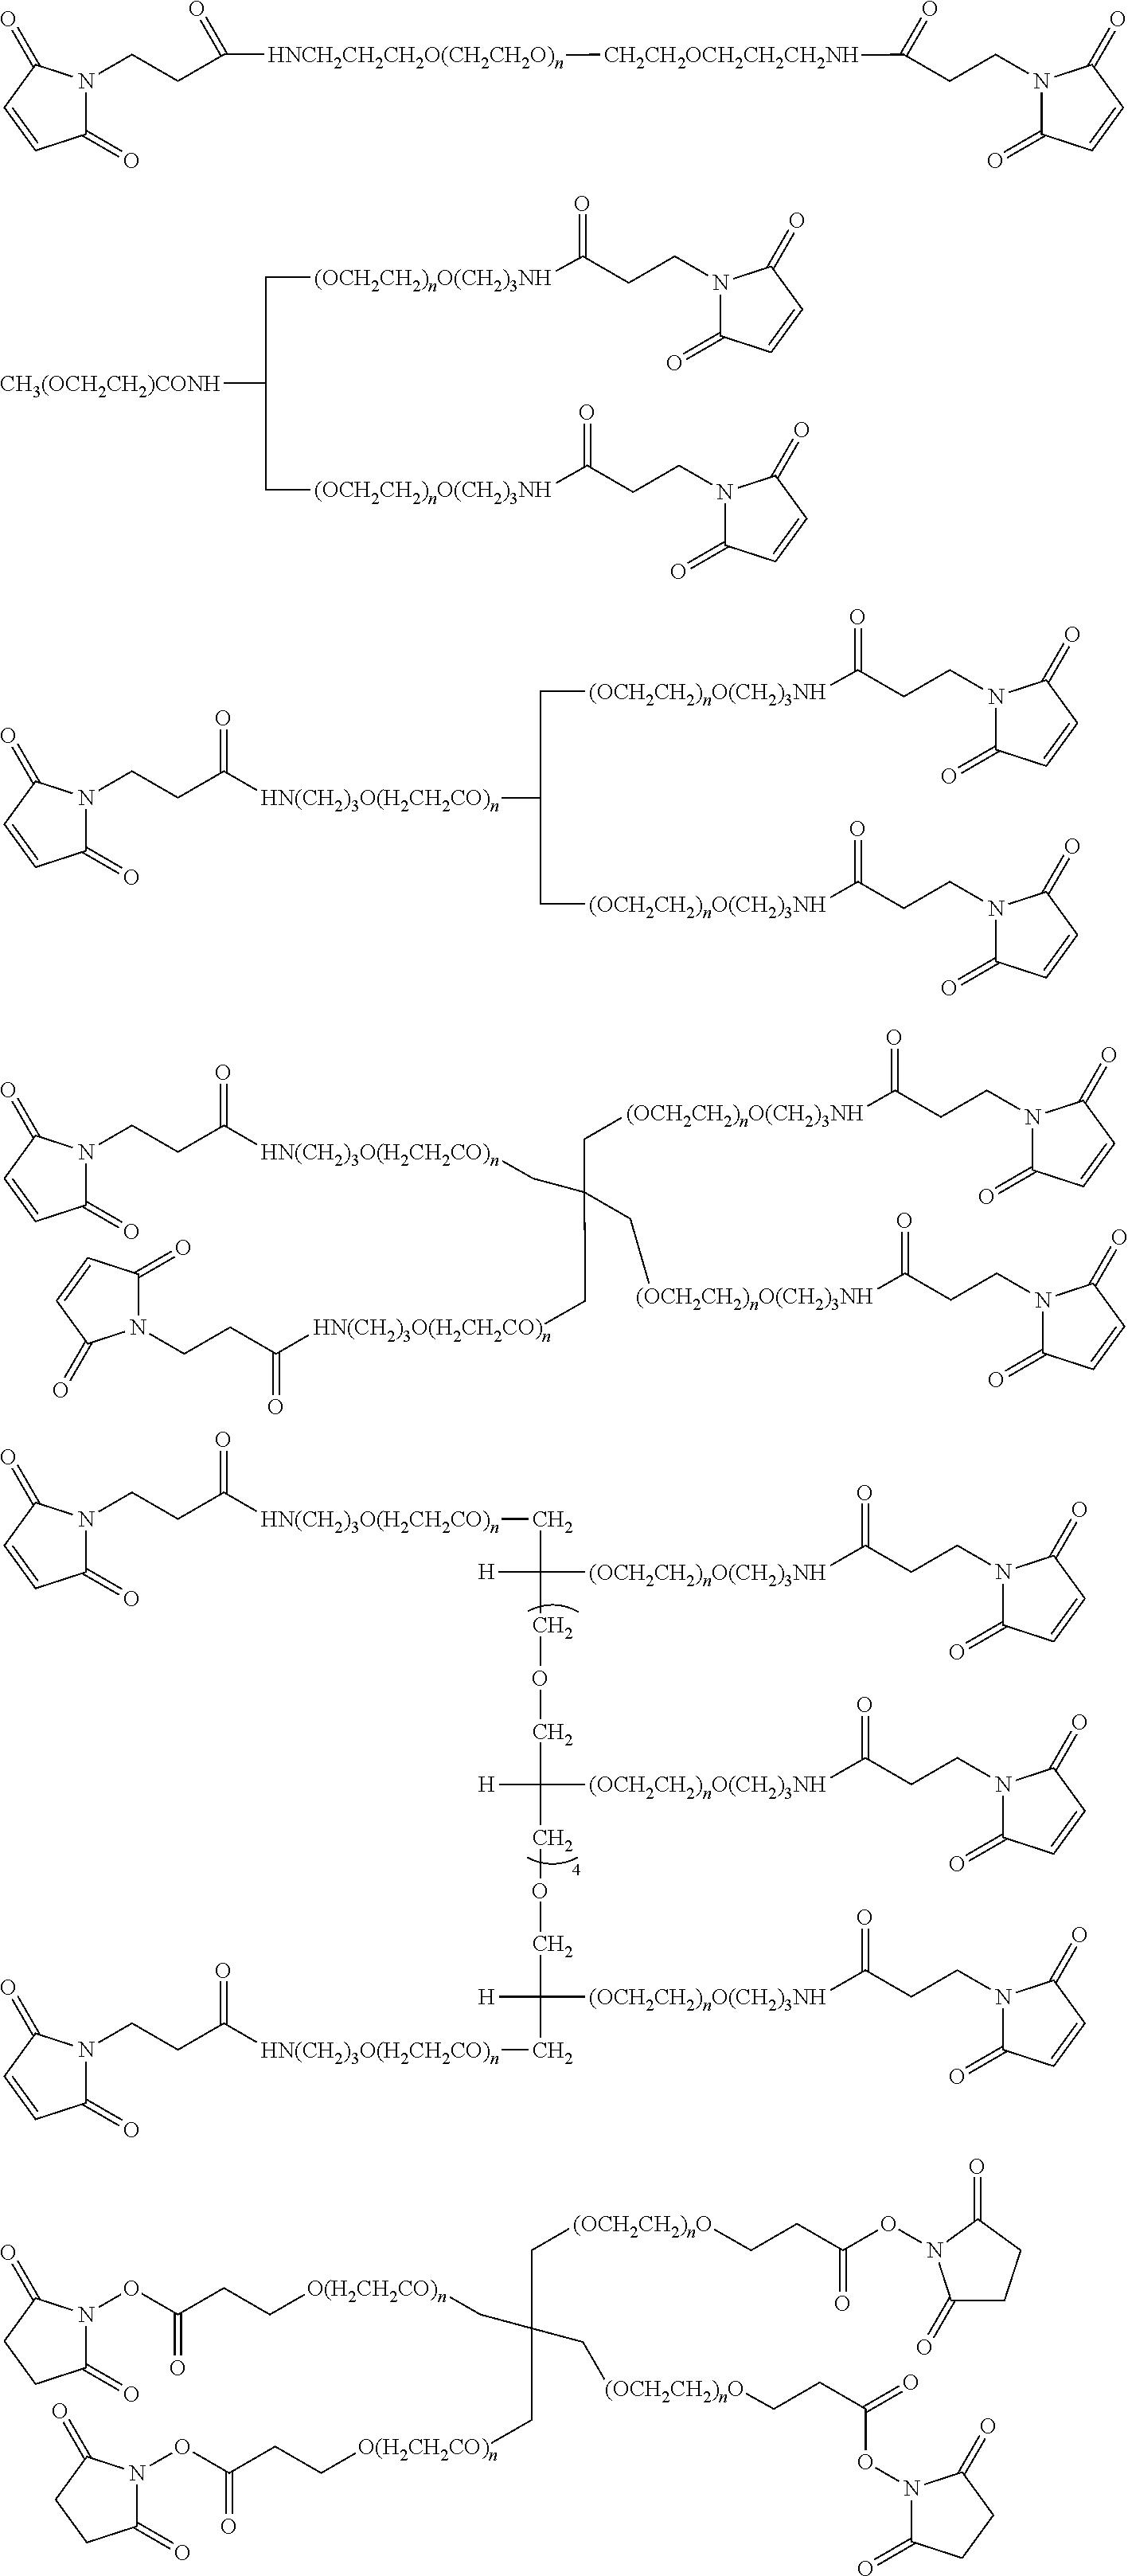 Figure US08420779-20130416-C00002